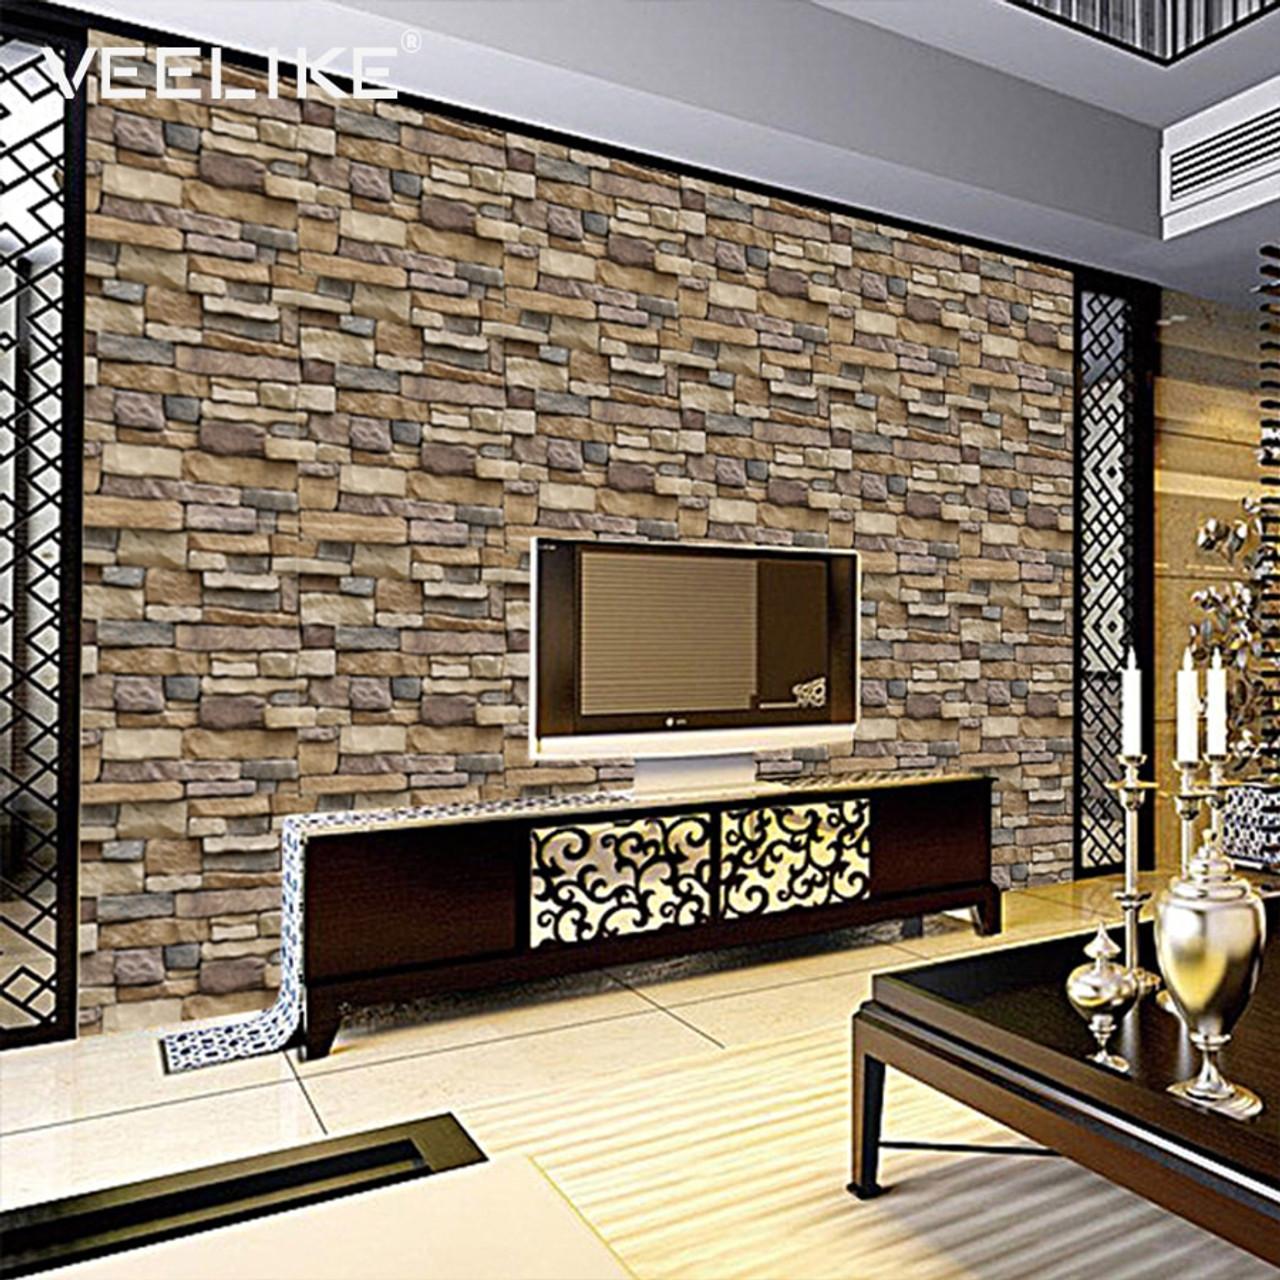 - Vintage Vinyl Brick Wallpaper For Kitchen Backsplash Bathroom